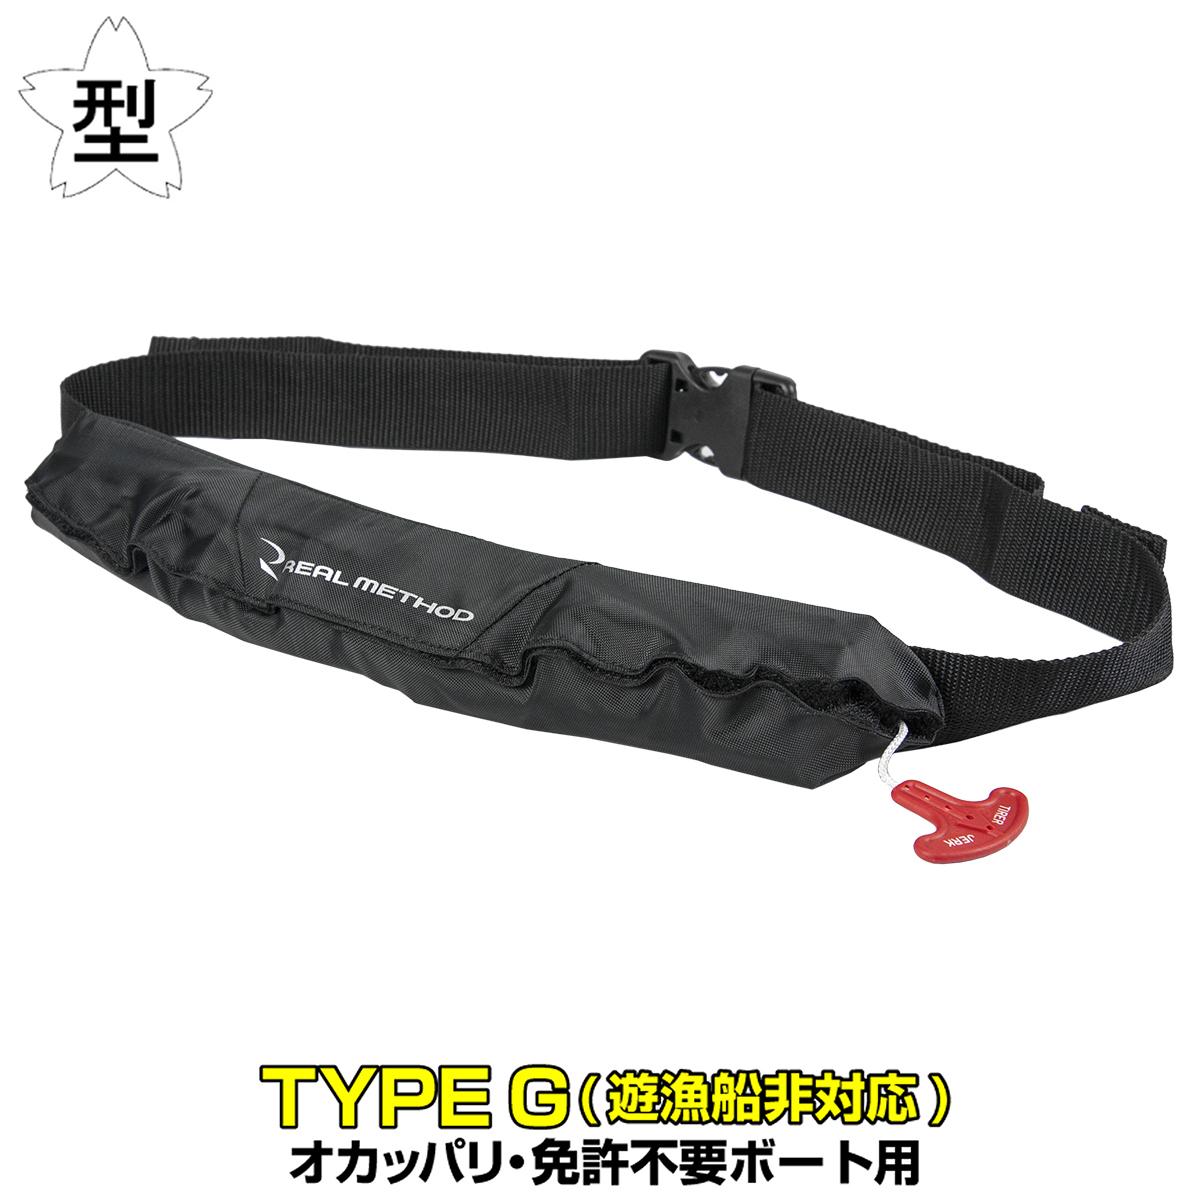 タカミヤ REAL METHOD 軽量自動膨張式ライフジャケット ウエストベルトタイプ RM-9220 ブラック ※遊漁船非対応